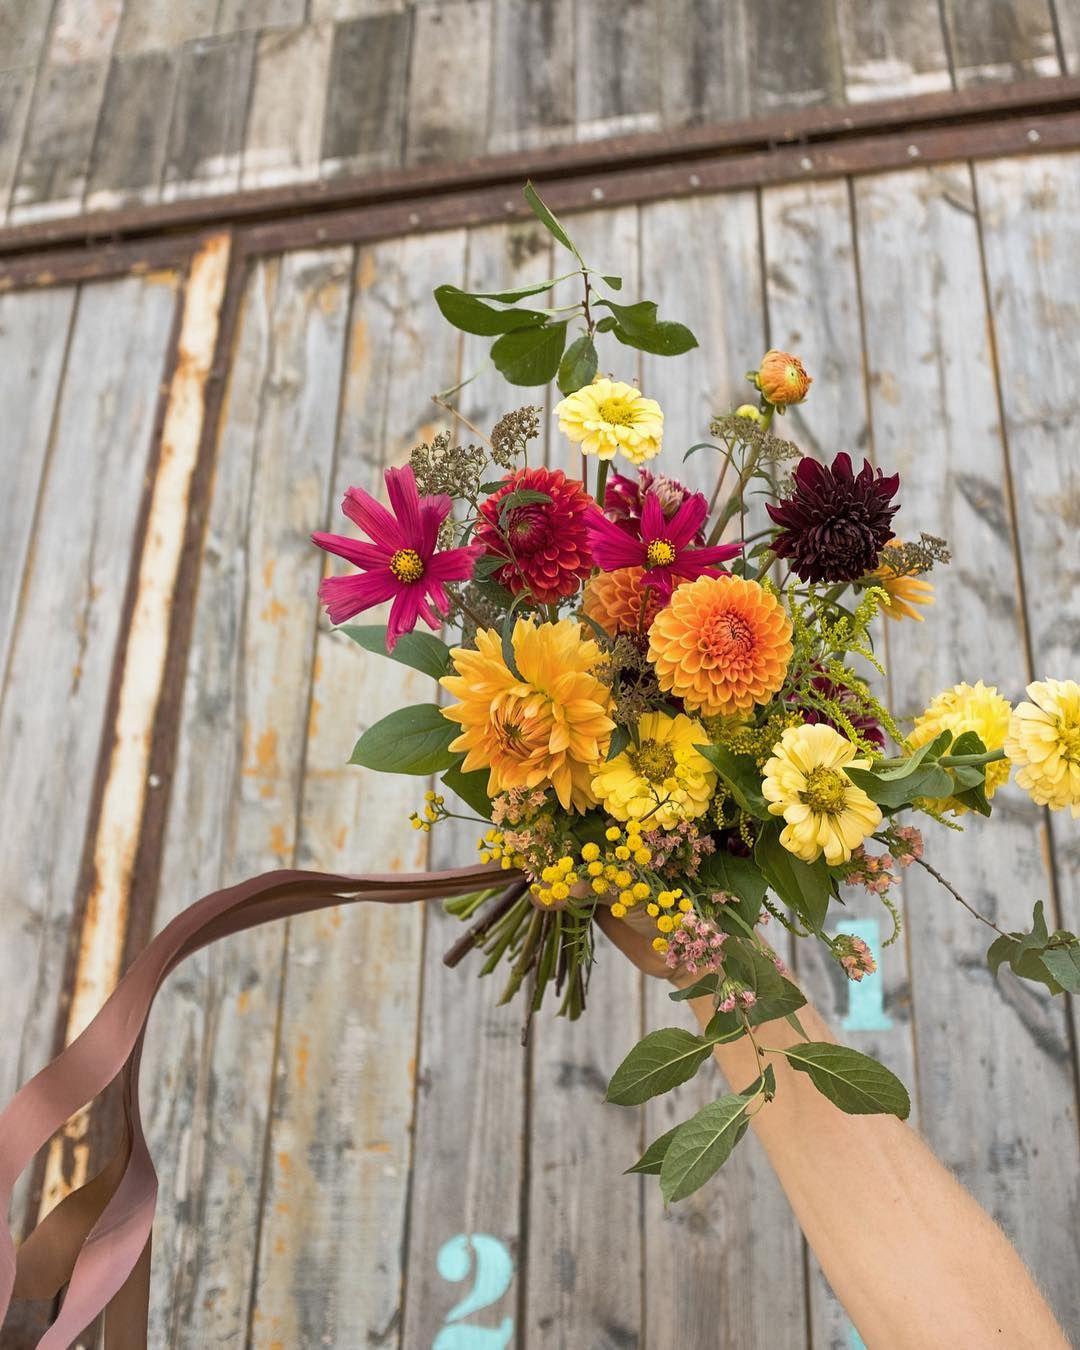 Kwiatyimiut Kwiatysapiekne Kwiatyimiut Farma Flowers Wreaths Decor